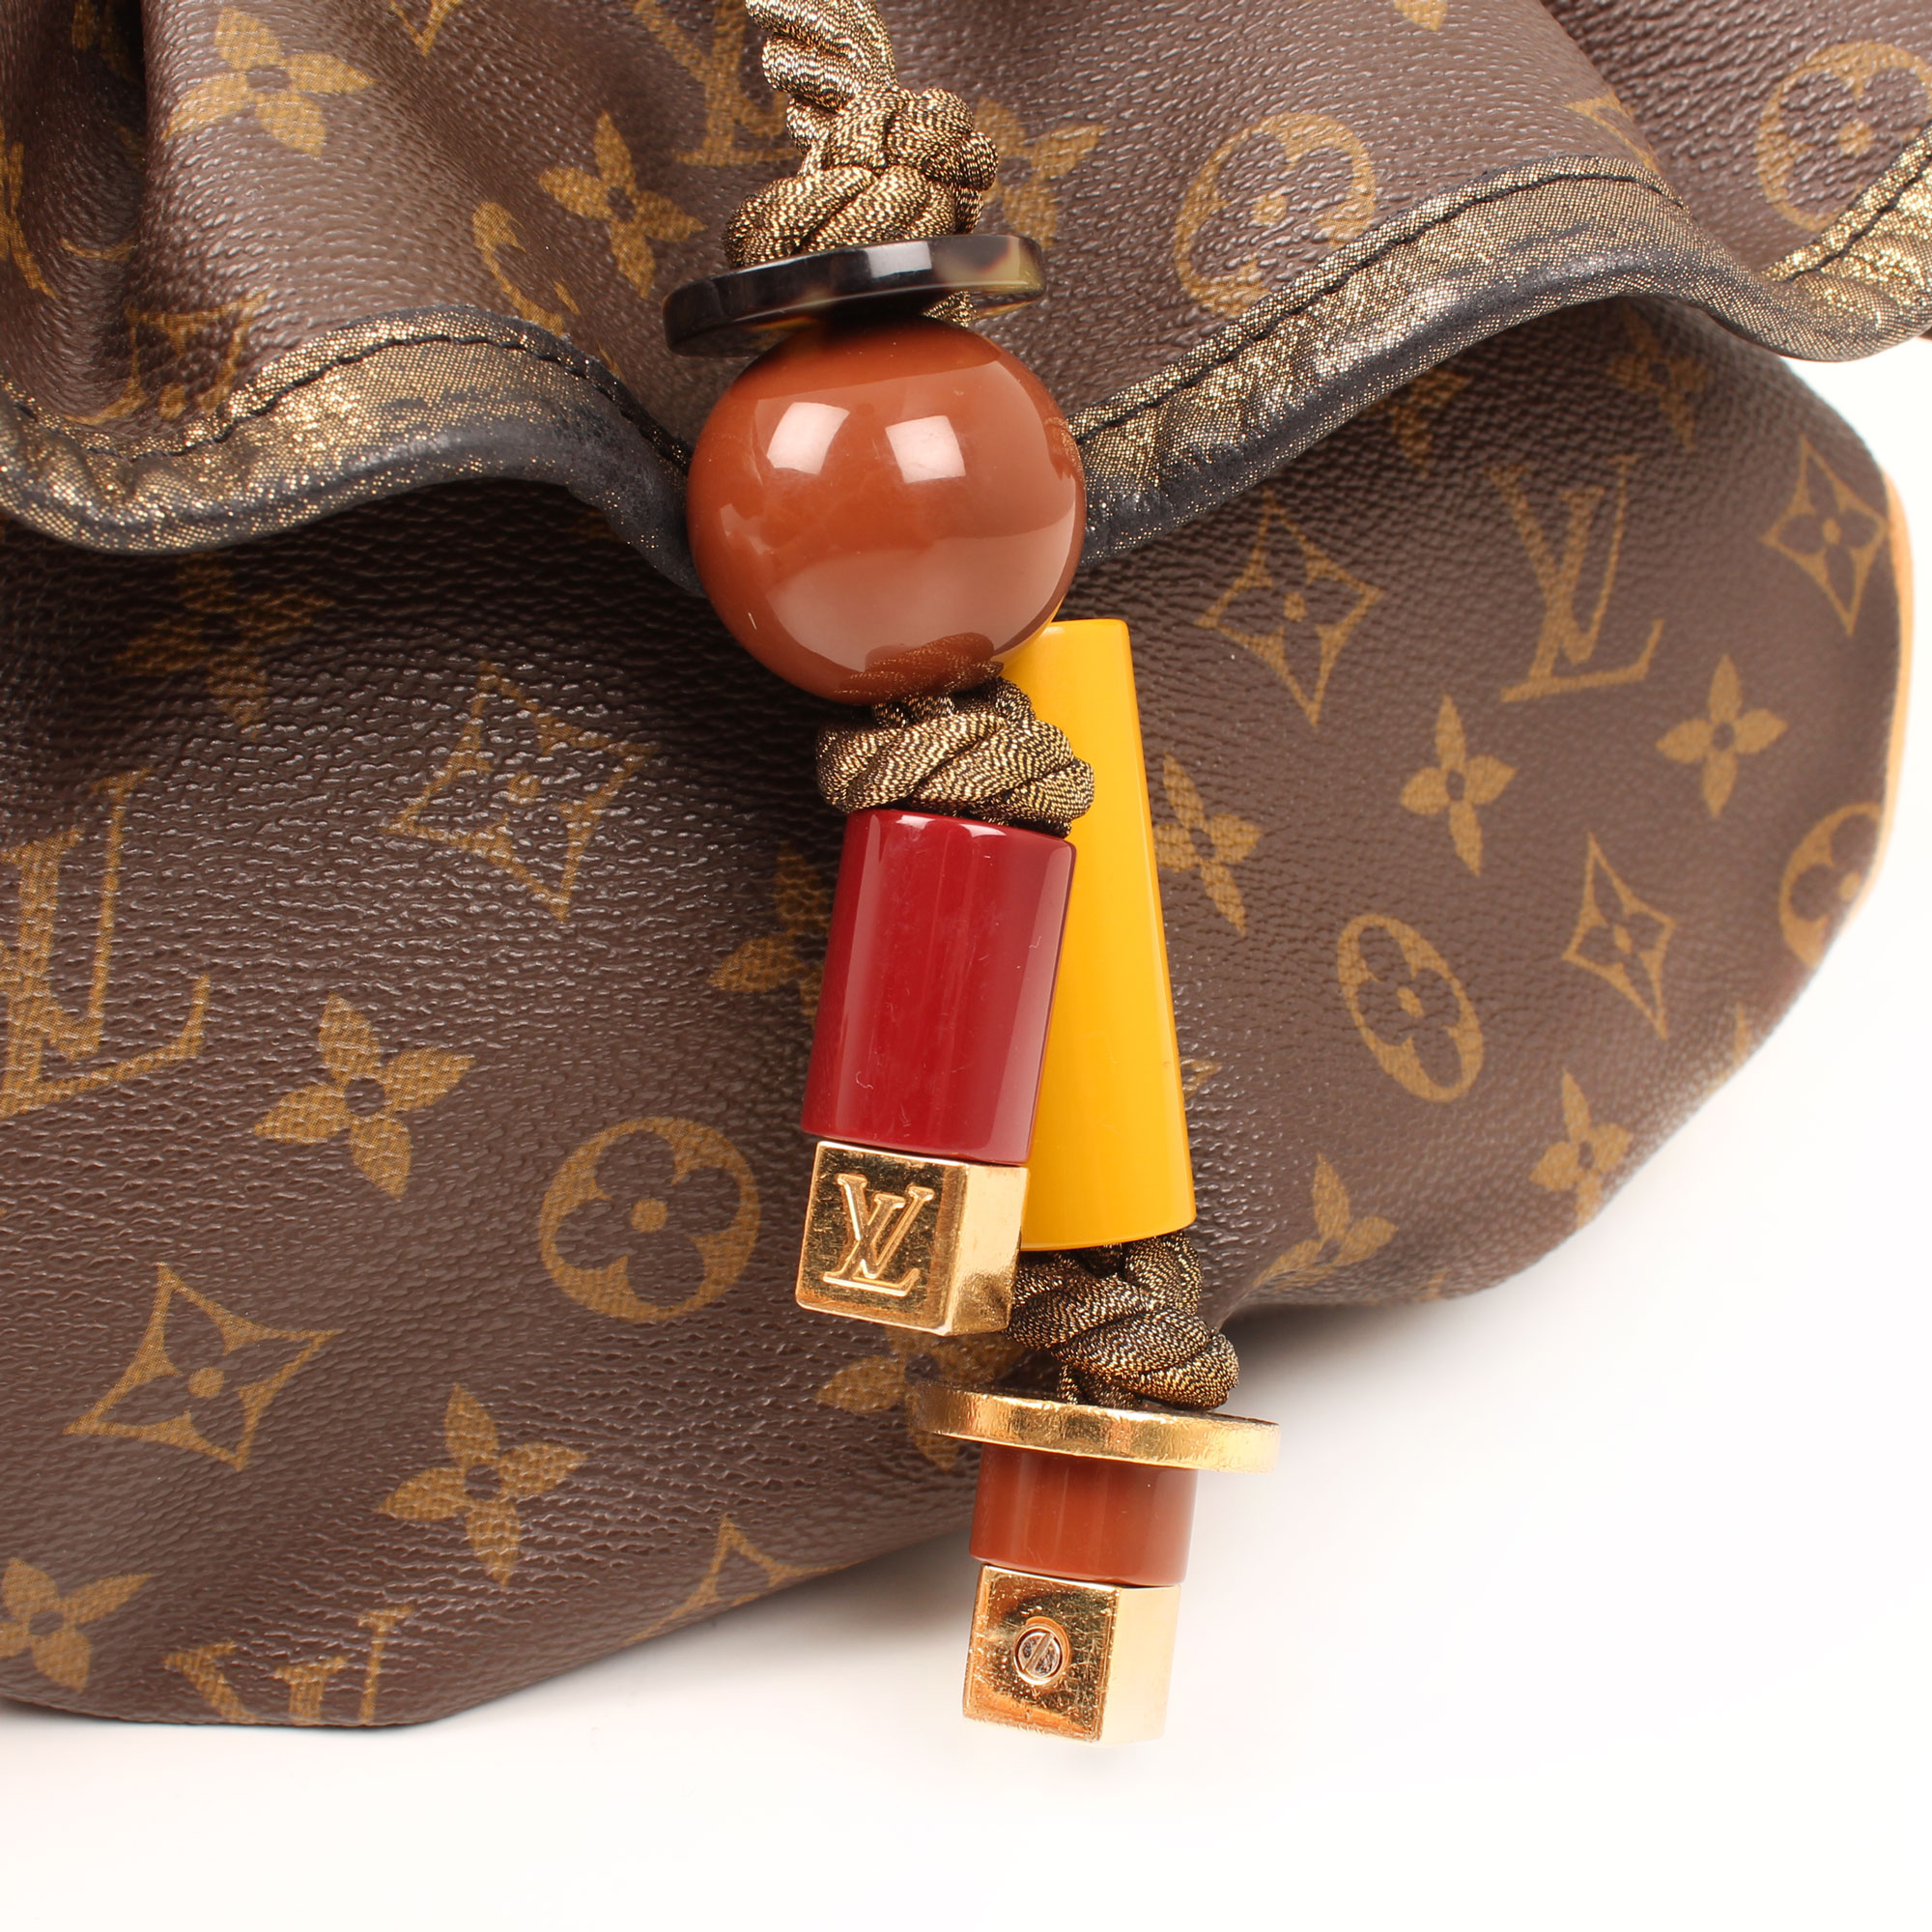 Imagen de los charms del bolso louis vuitton kalahari pm